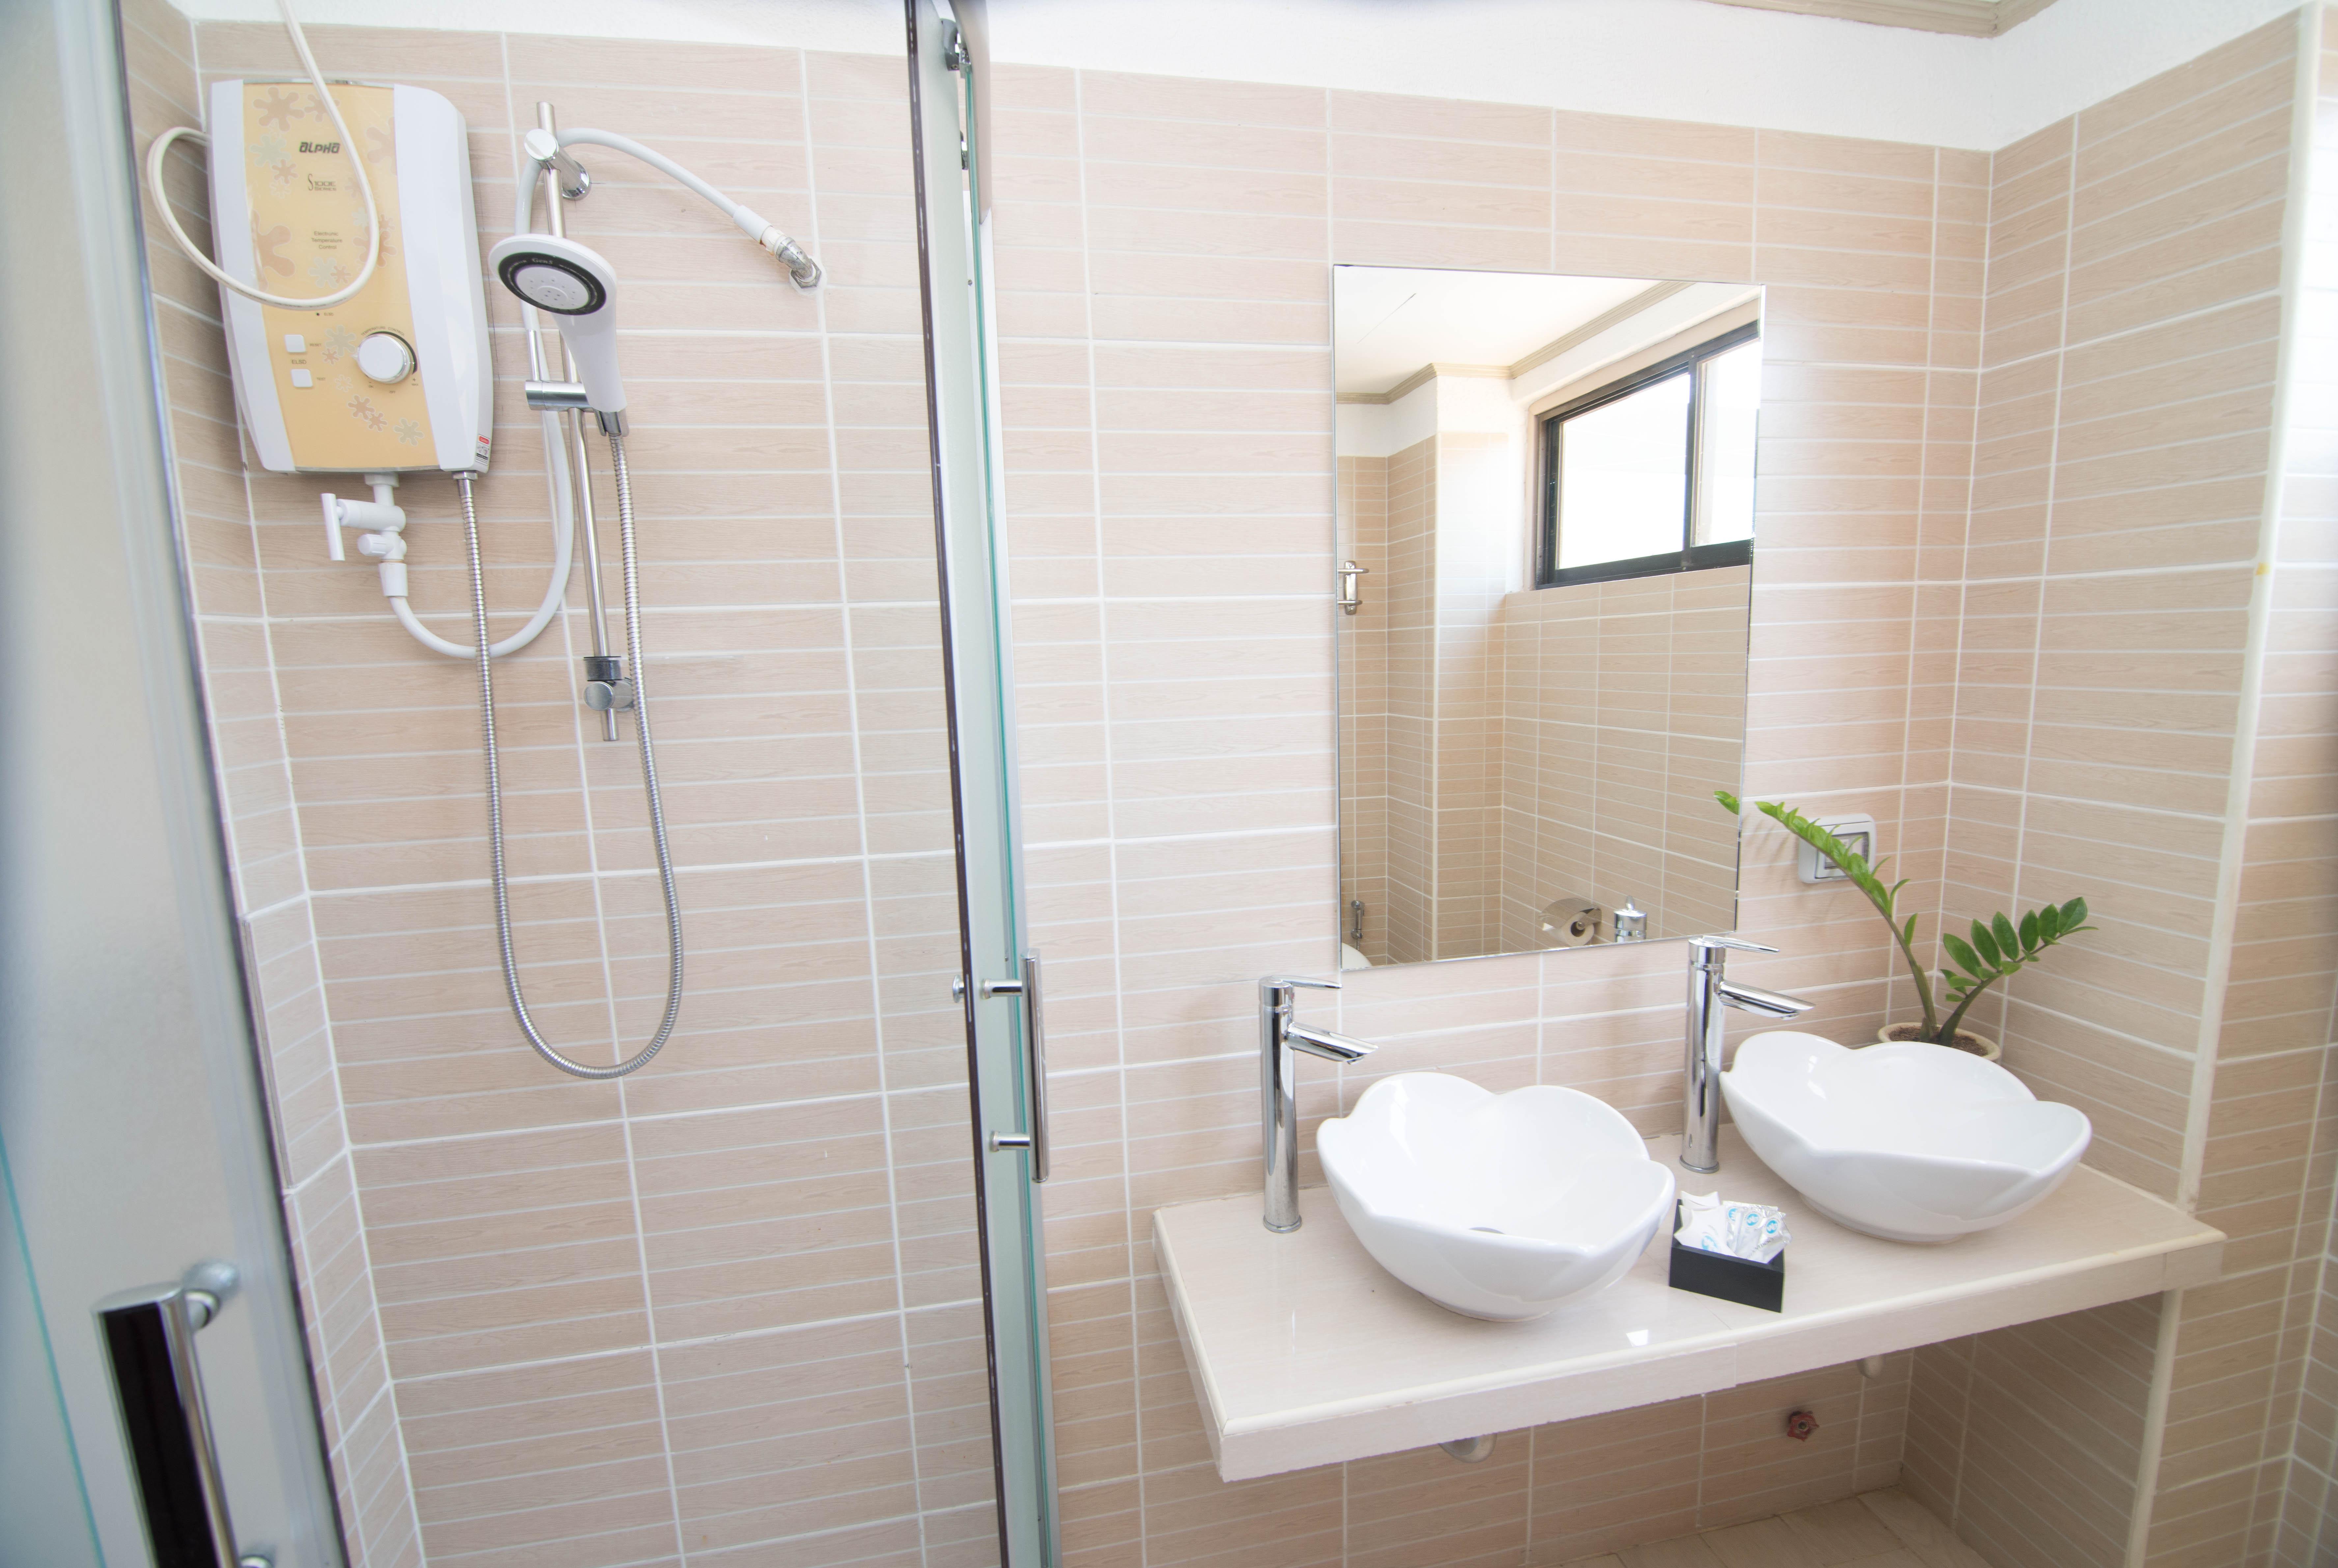 Deluxe Room (Shower)